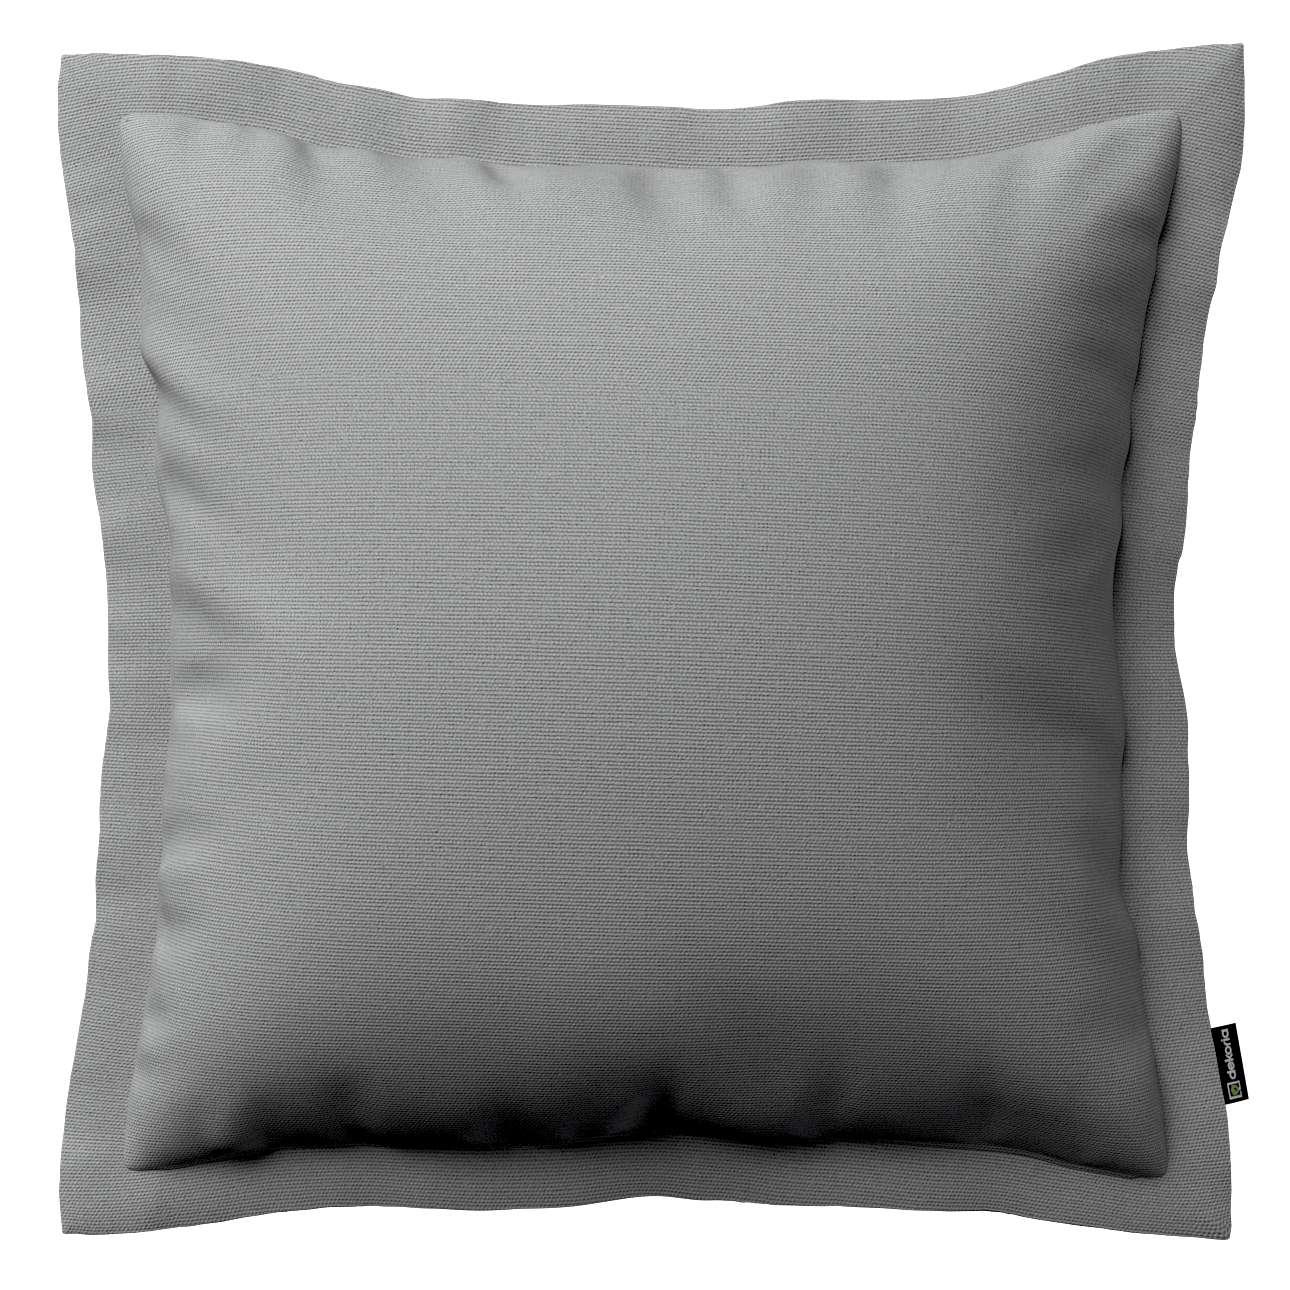 Mona dekoratyvinių pagalvėlių užvalkalas su sienele 45 x 45cm kolekcijoje Loneta , audinys: 133-24